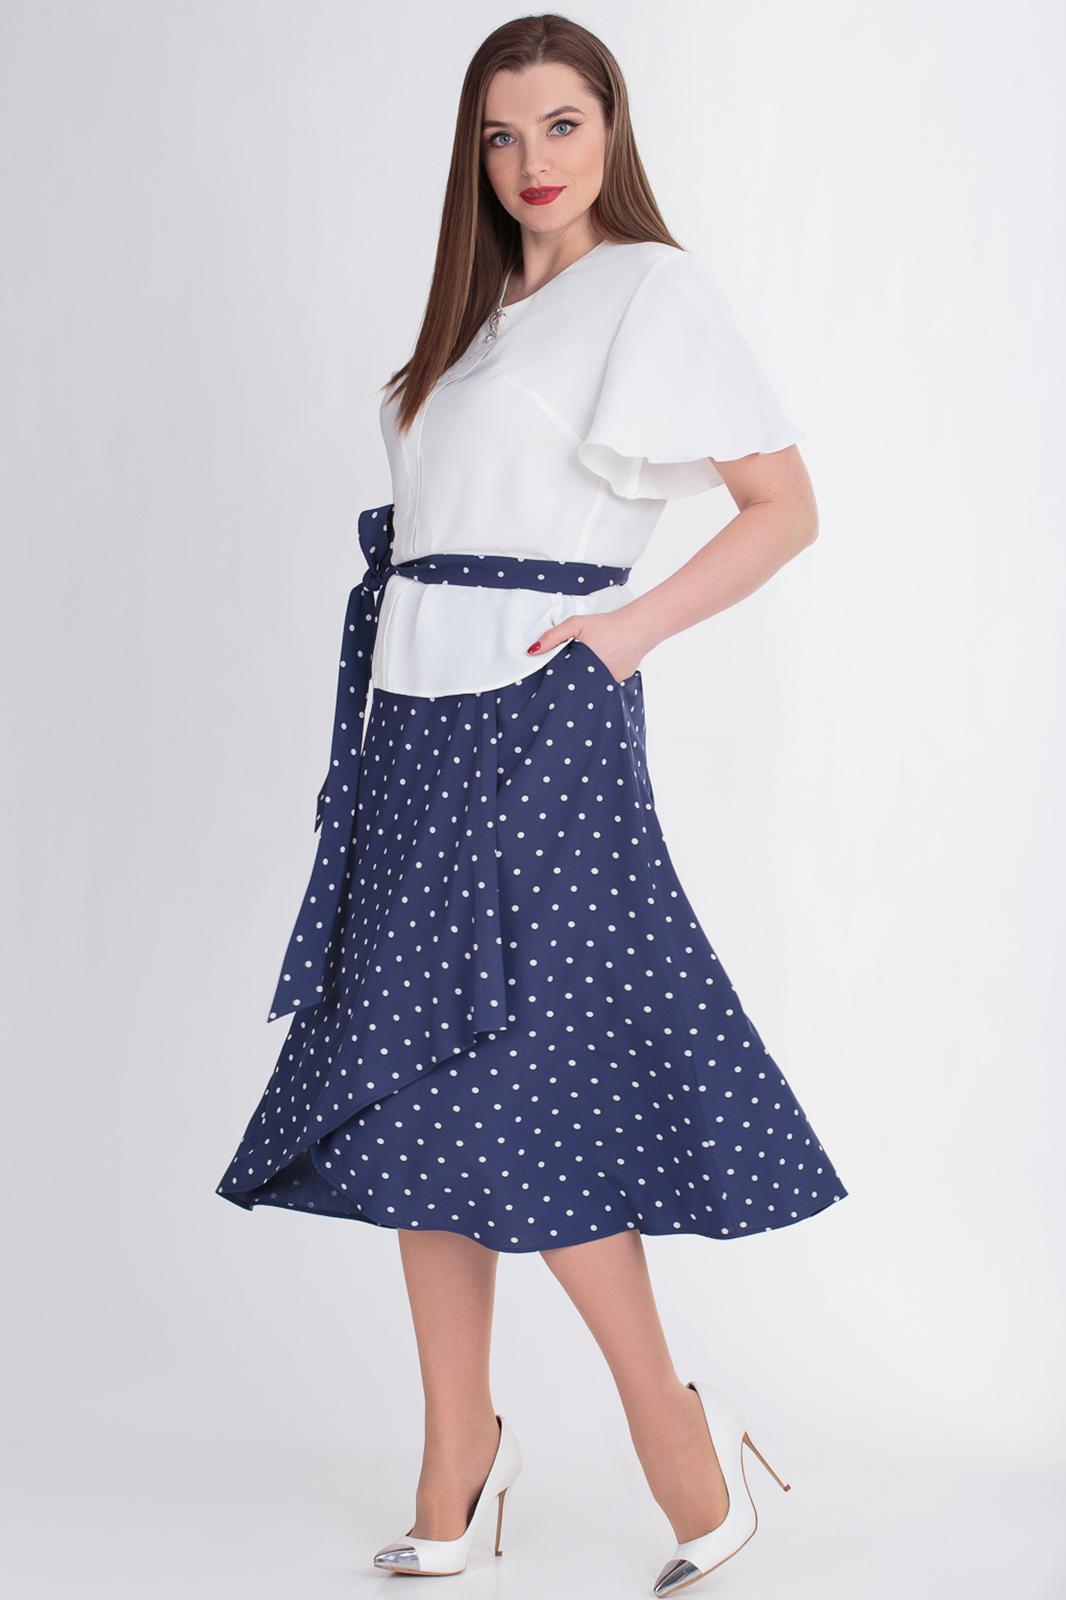 0402dd01b31 Купить юбку в интернет-магазине в Минске. Белорусские женские юбки